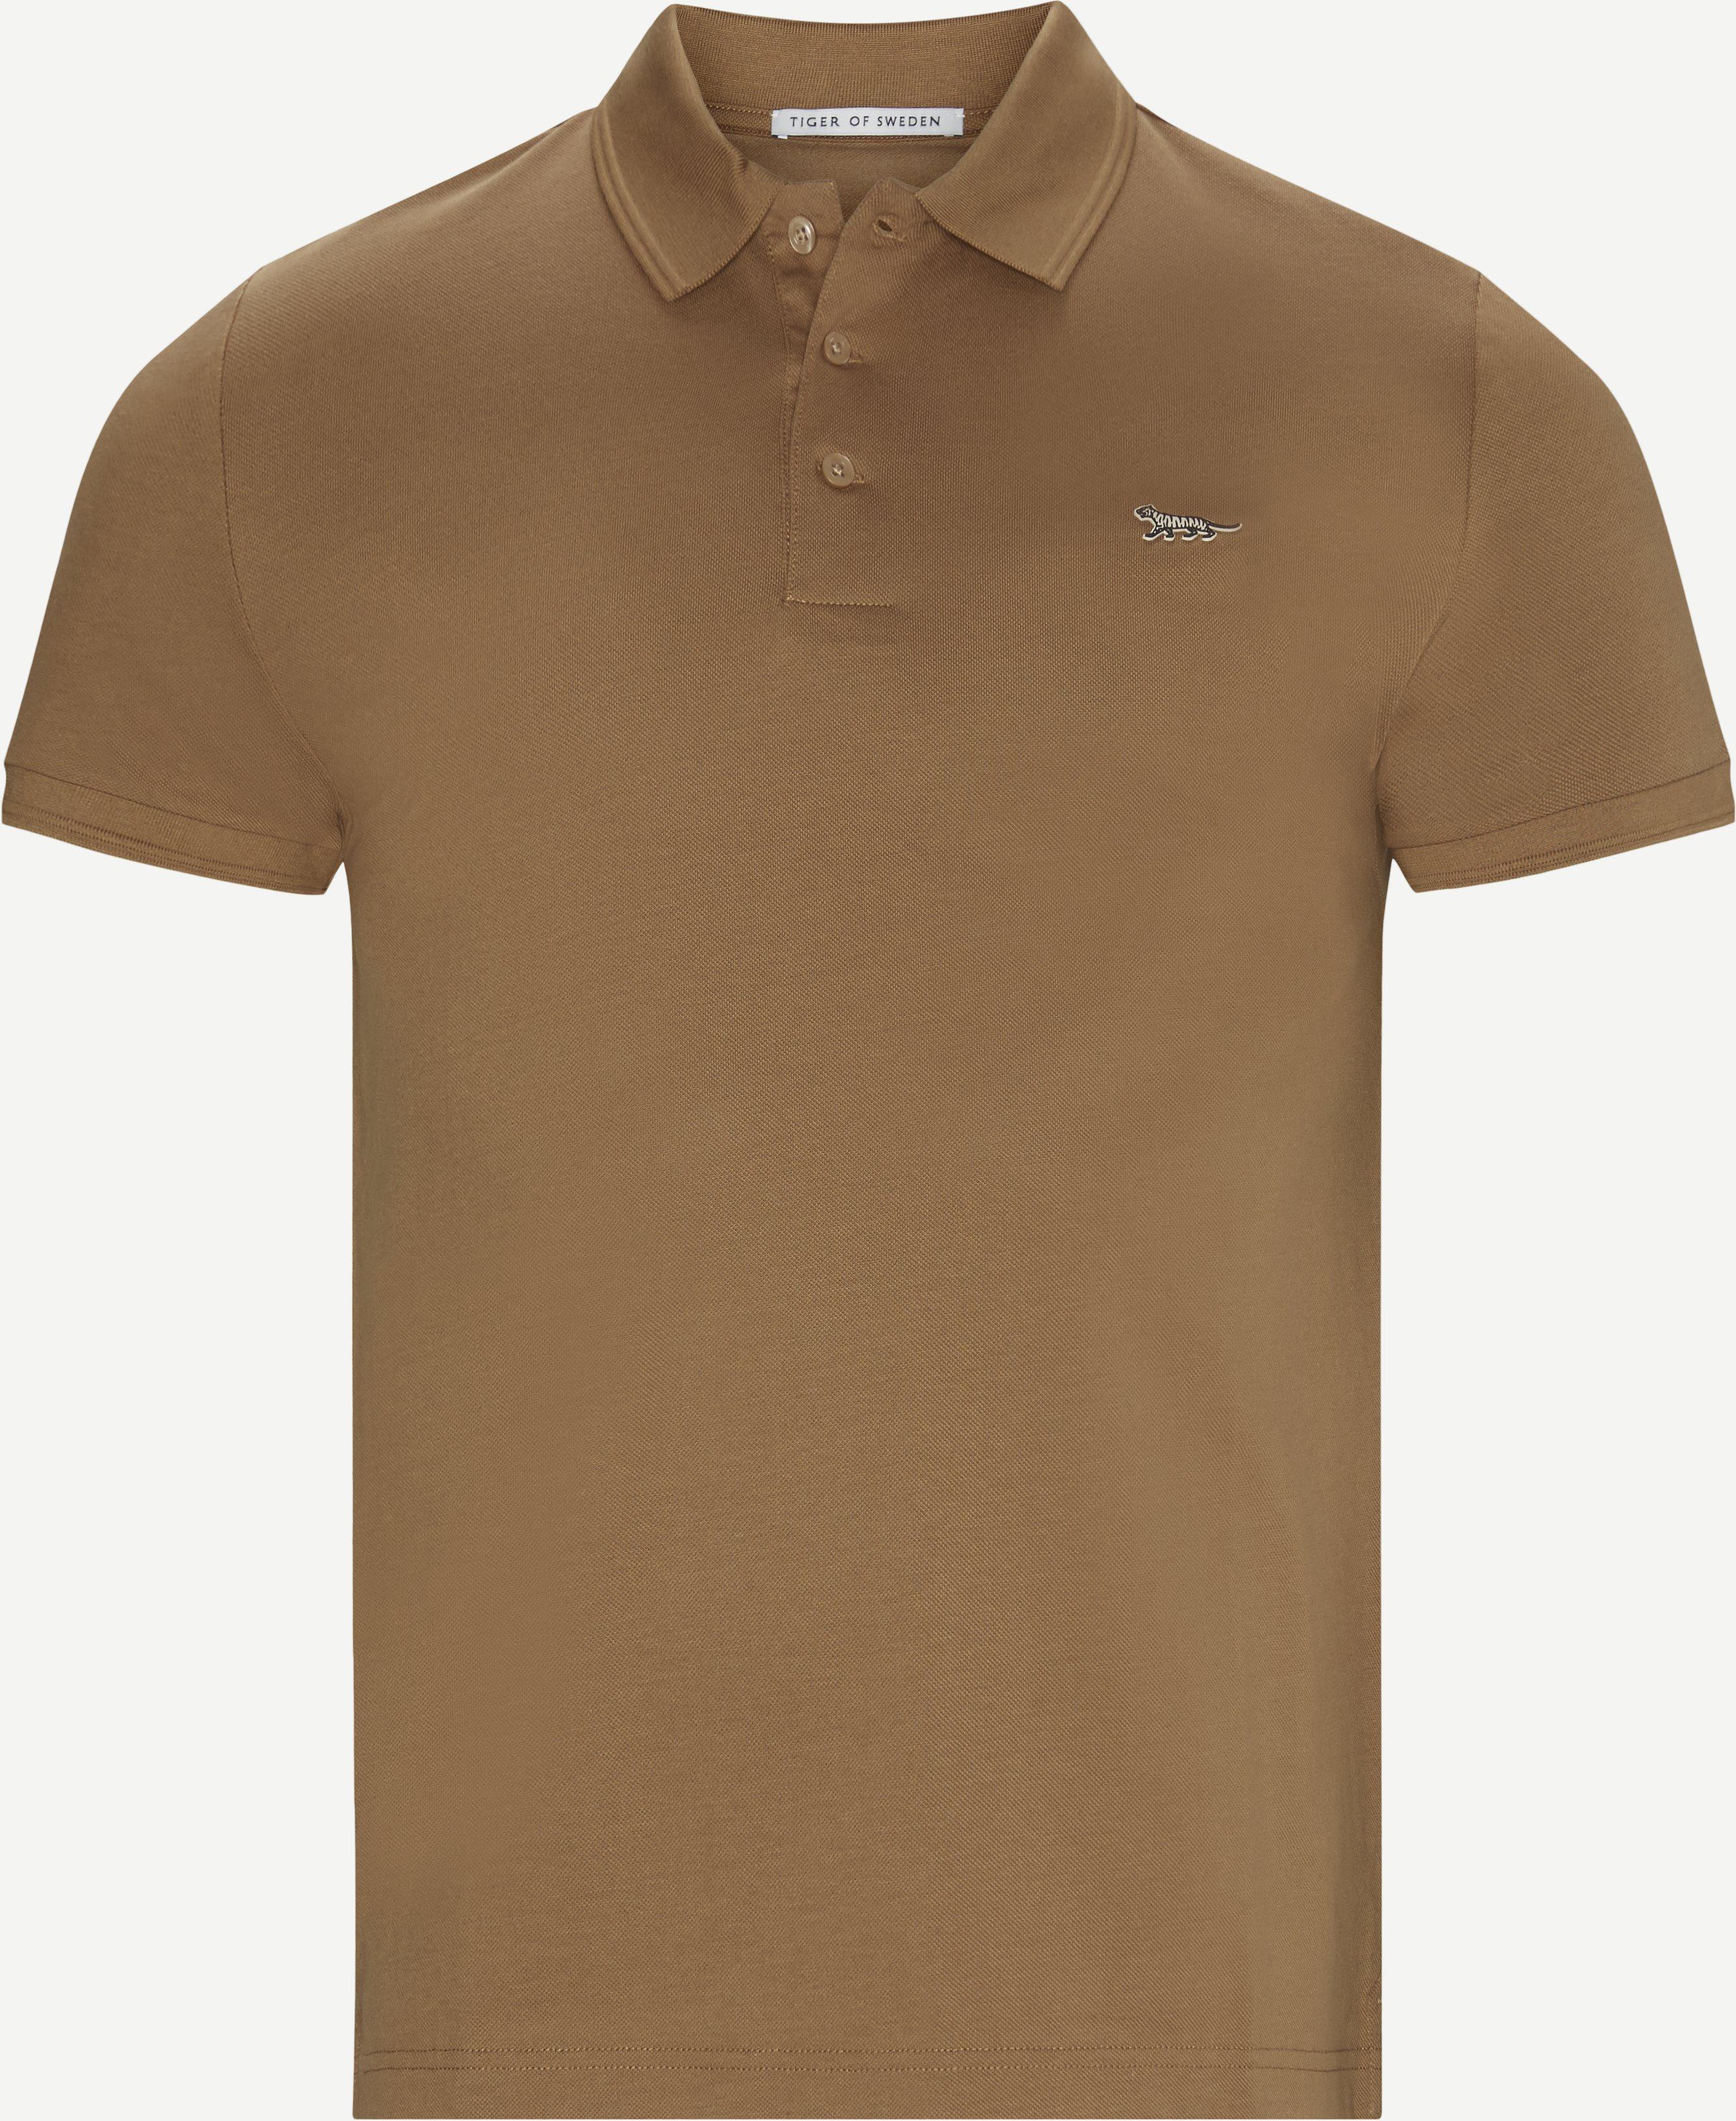 T-Shirts - Slim fit - Braun